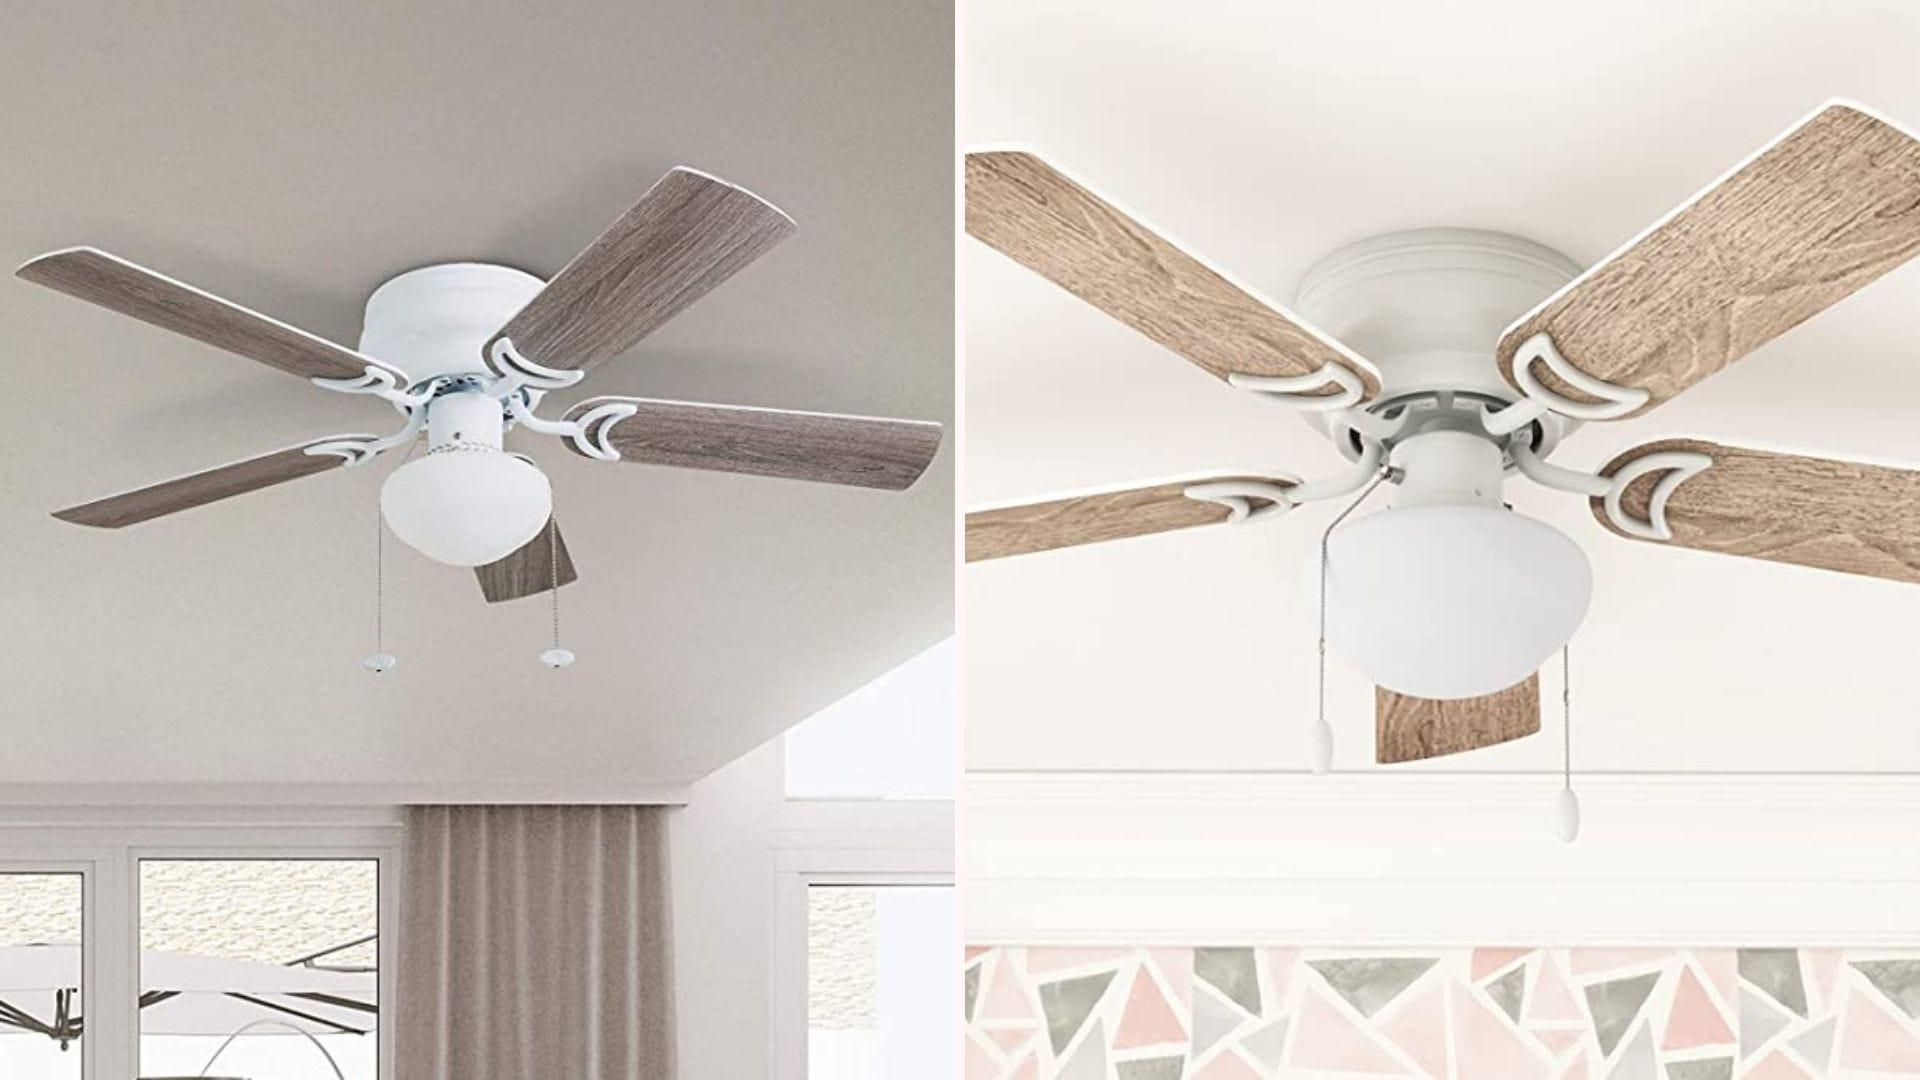 Слева потолочный вентилятор с лопастями из сарая, висящий в доме, а справа тот же вентилятор другого цвета.